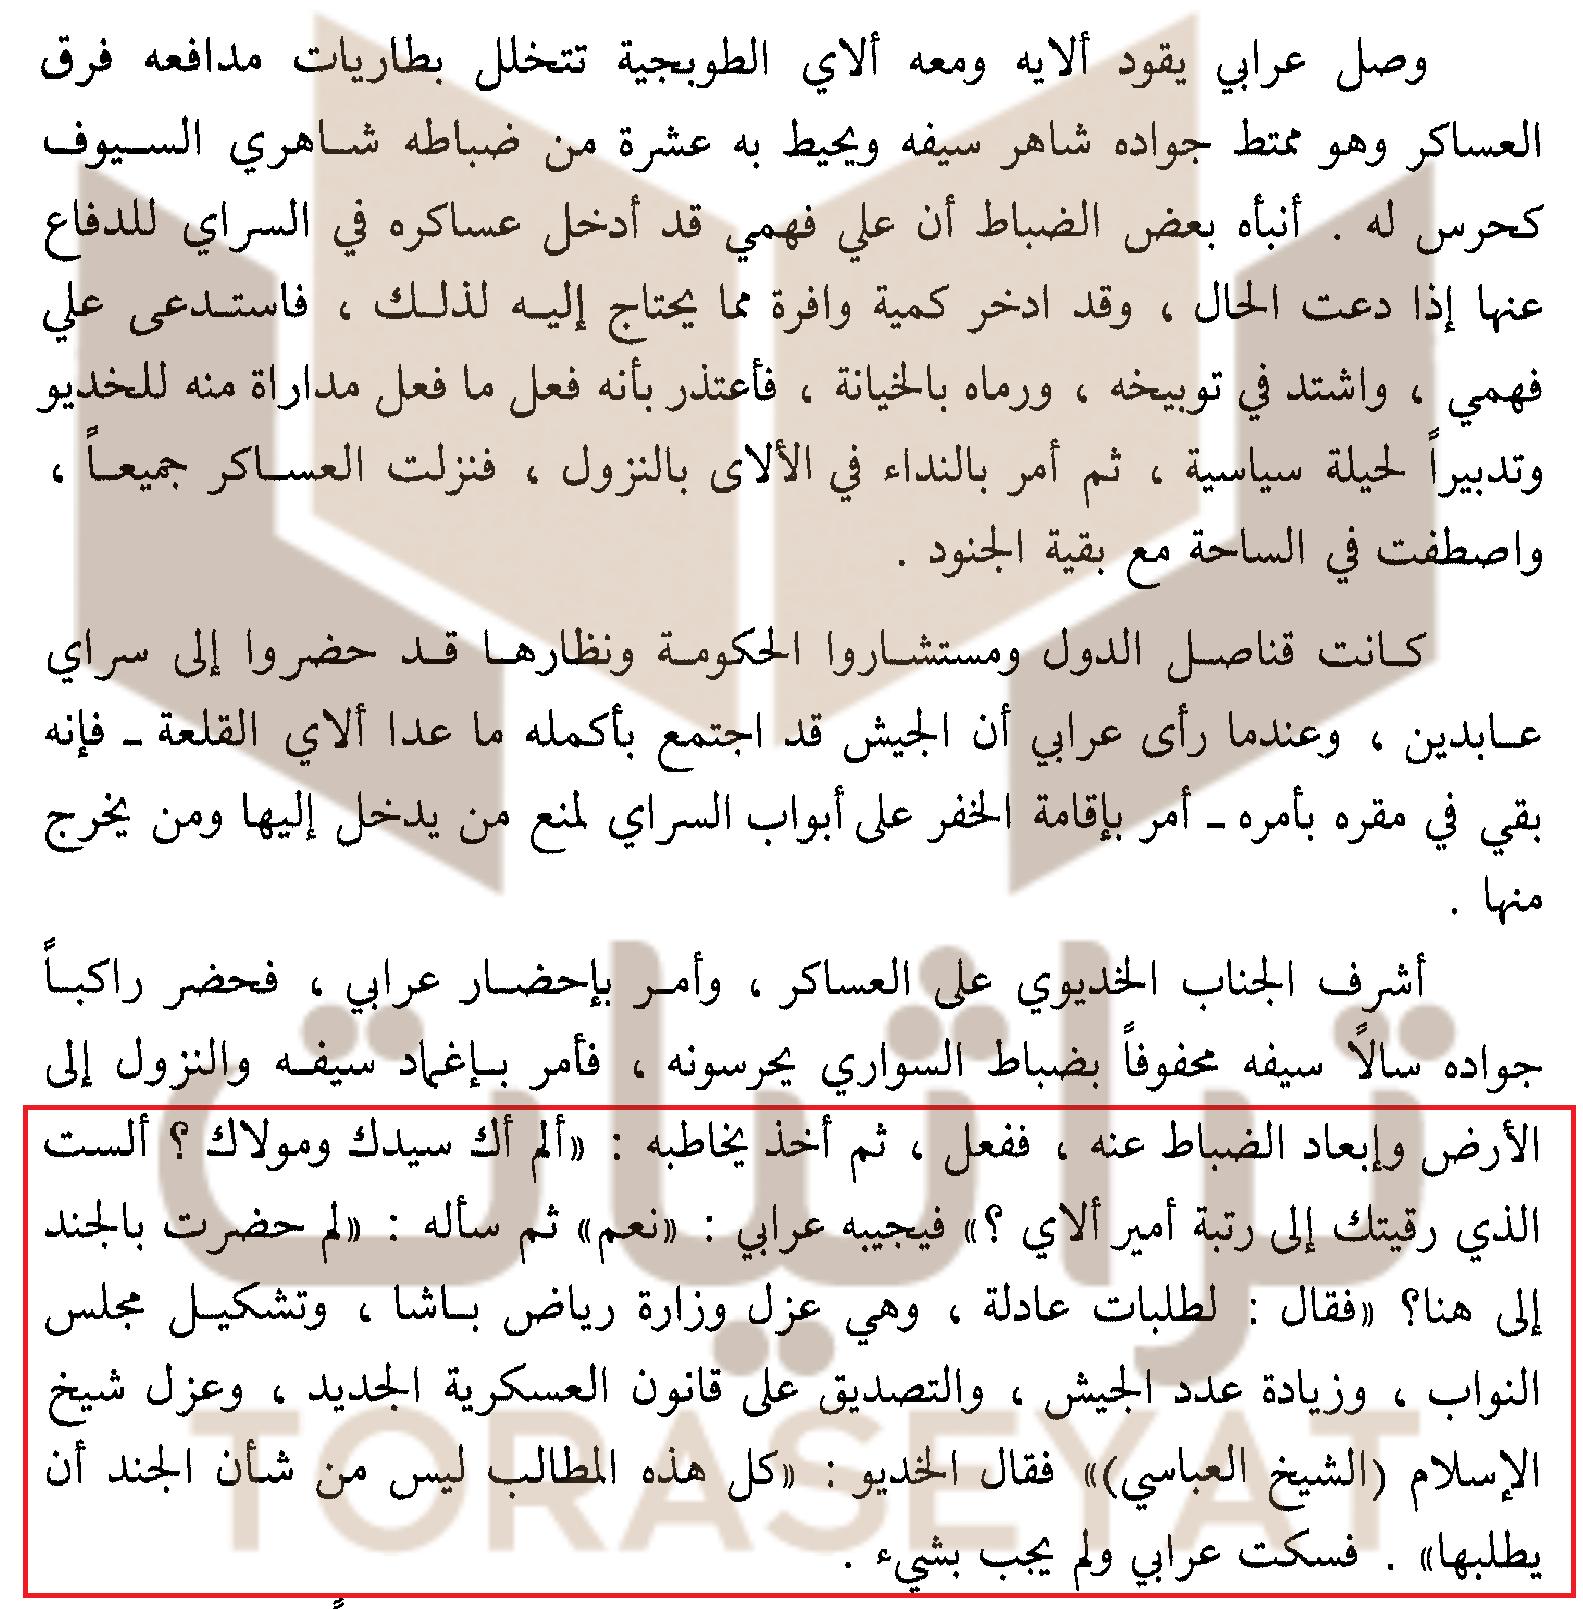 من مذكرات الشيخ محمد عبده بشأن حركة أحمد عرابي